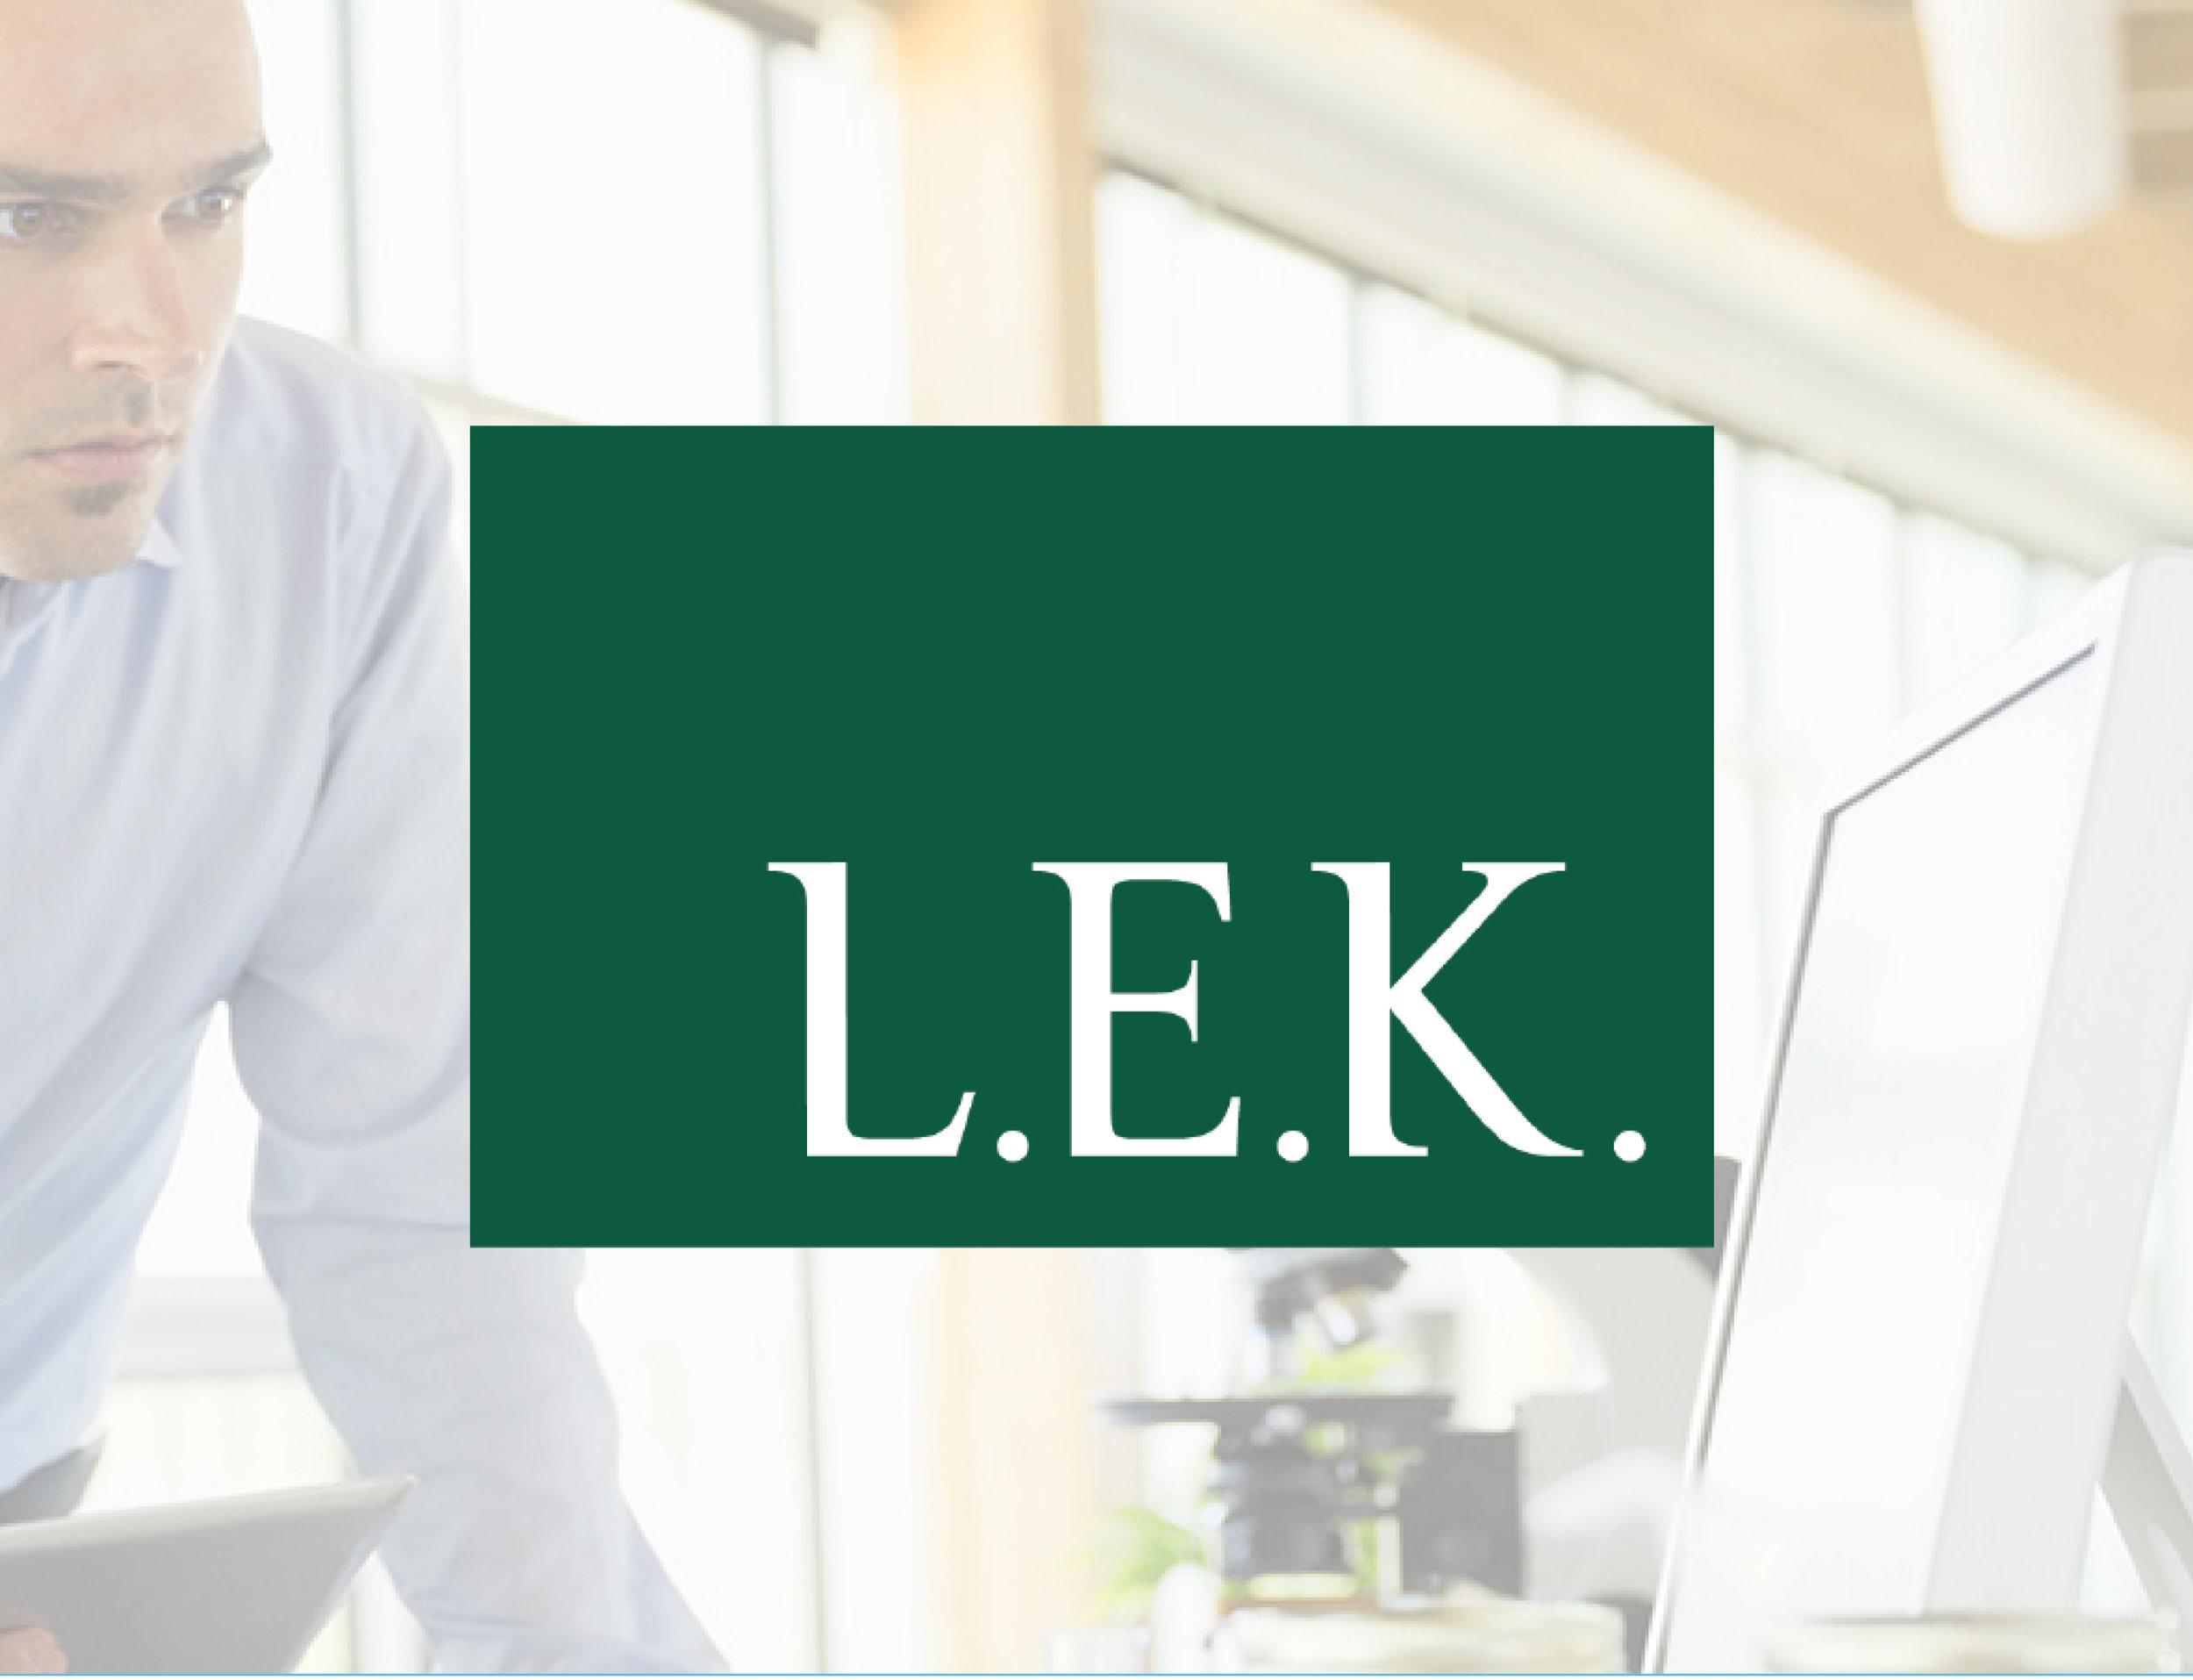 LEK_logo_image_2.jpg